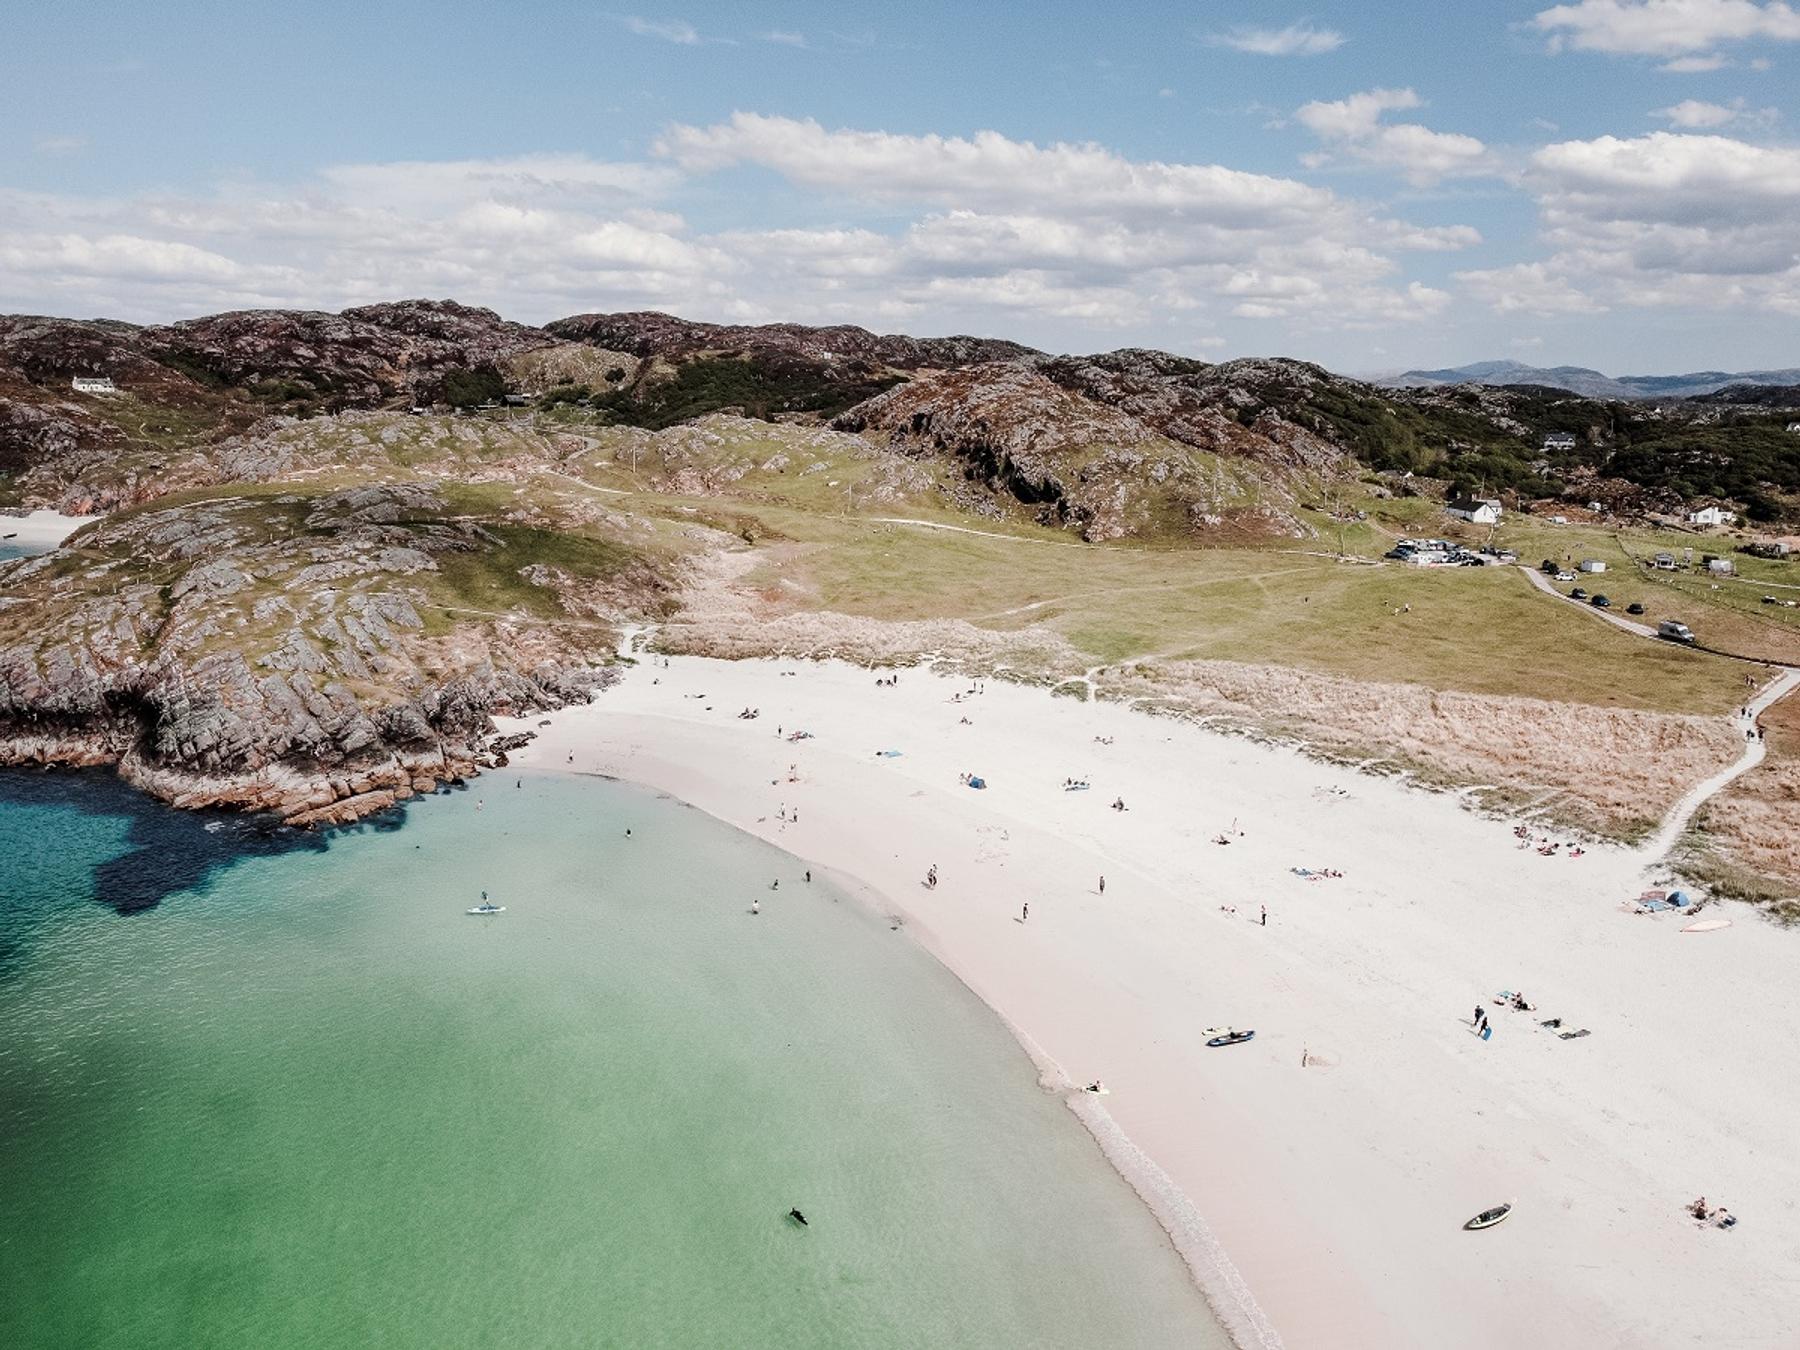 La spiaggia di Achmelvich Bay, nelle Highland scozzesi, meta perfetta per un Ferragosto last minute